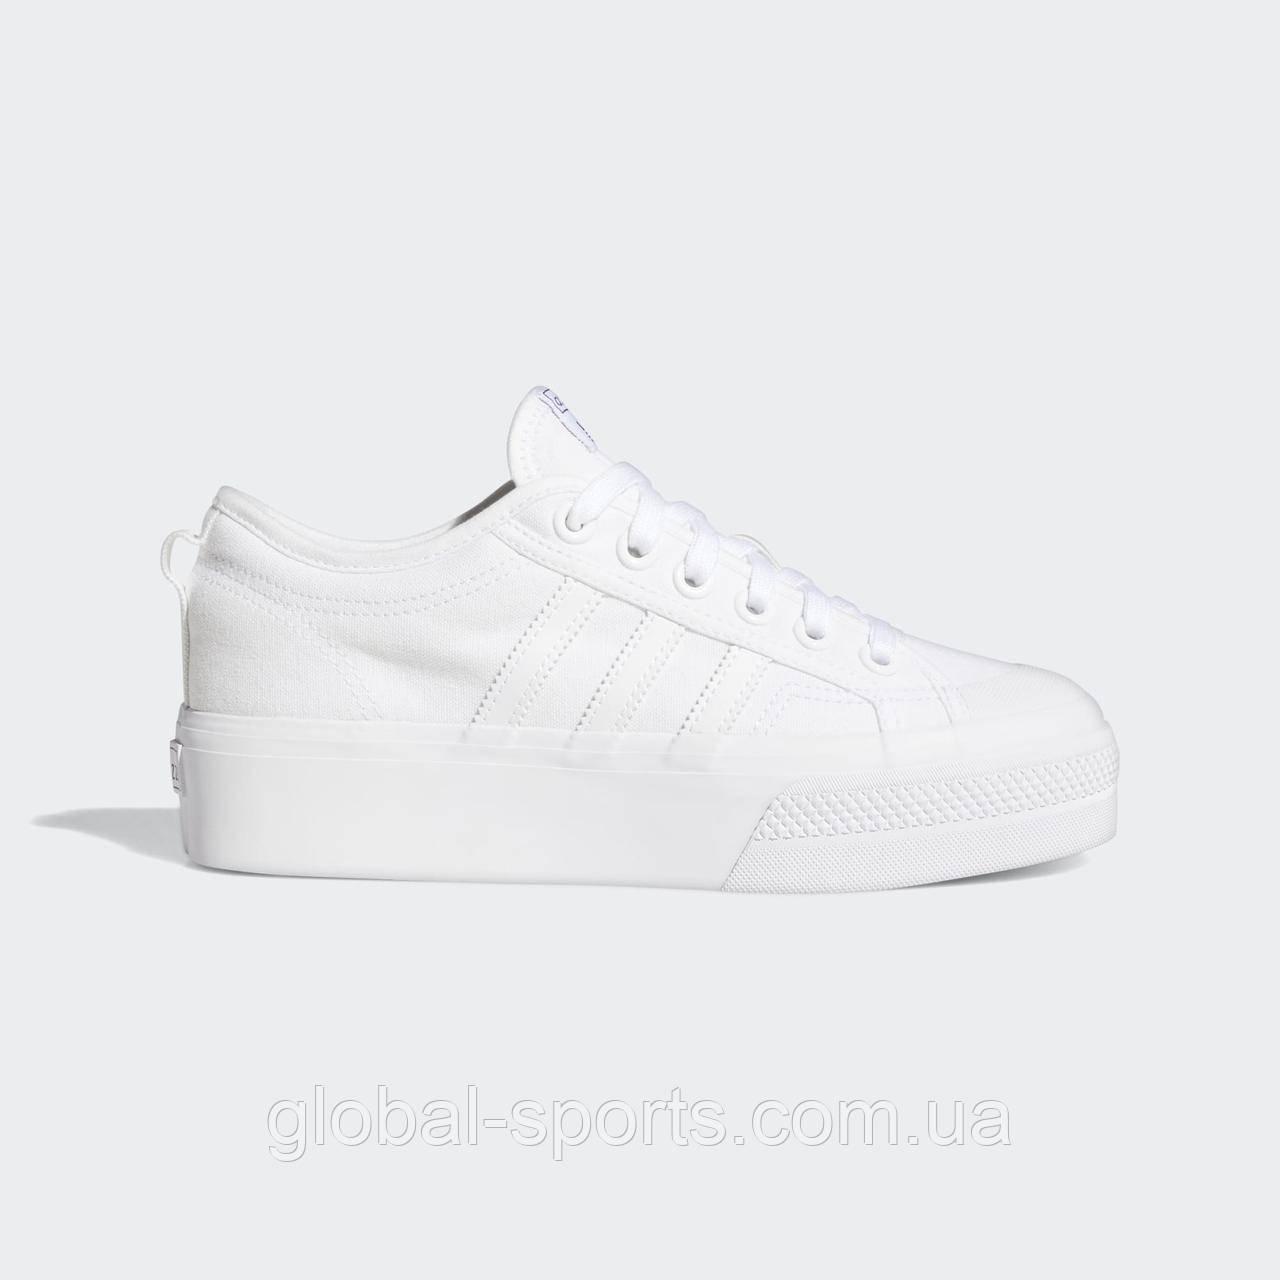 Жіночі кеди Adidas Nizza Platform W (Артикул:FV5322)